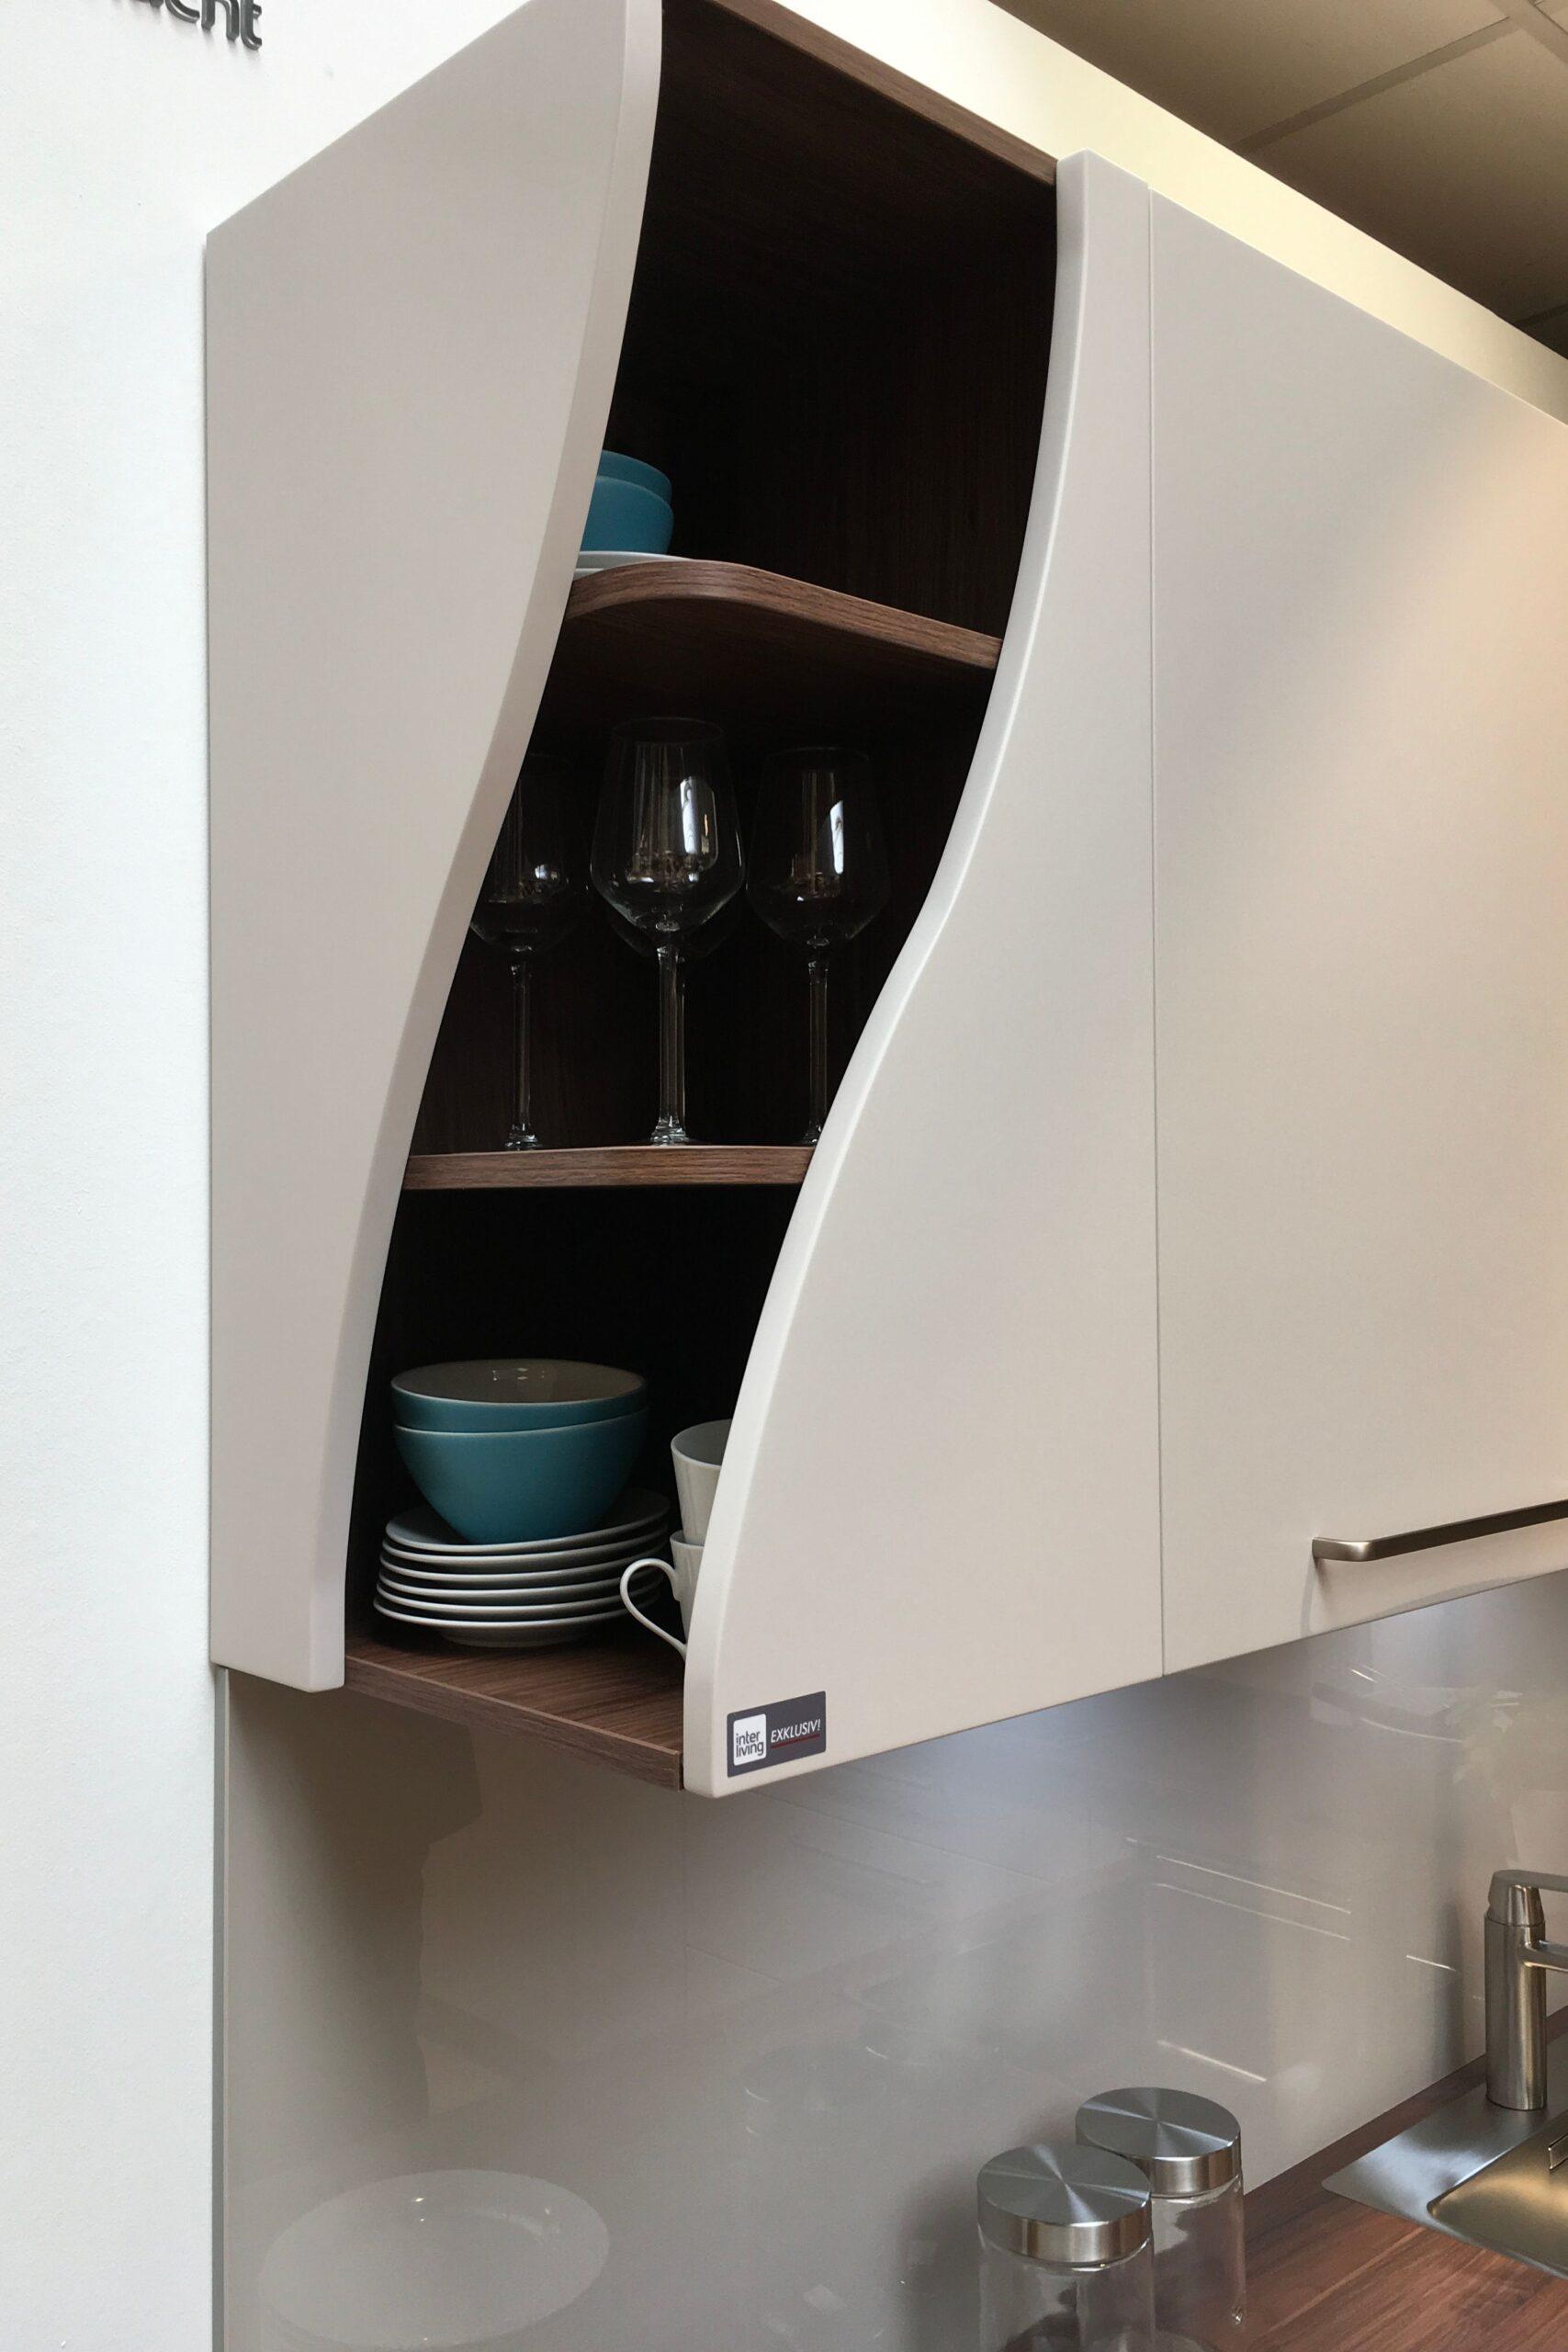 Full Size of Eckschränke Küche Kleine Besonderheiten Machen Eine Normale Kche Zur Designkche Waschbecken Sockelblende Pantryküche Mit Kühlschrank Hängeschrank Wohnzimmer Eckschränke Küche